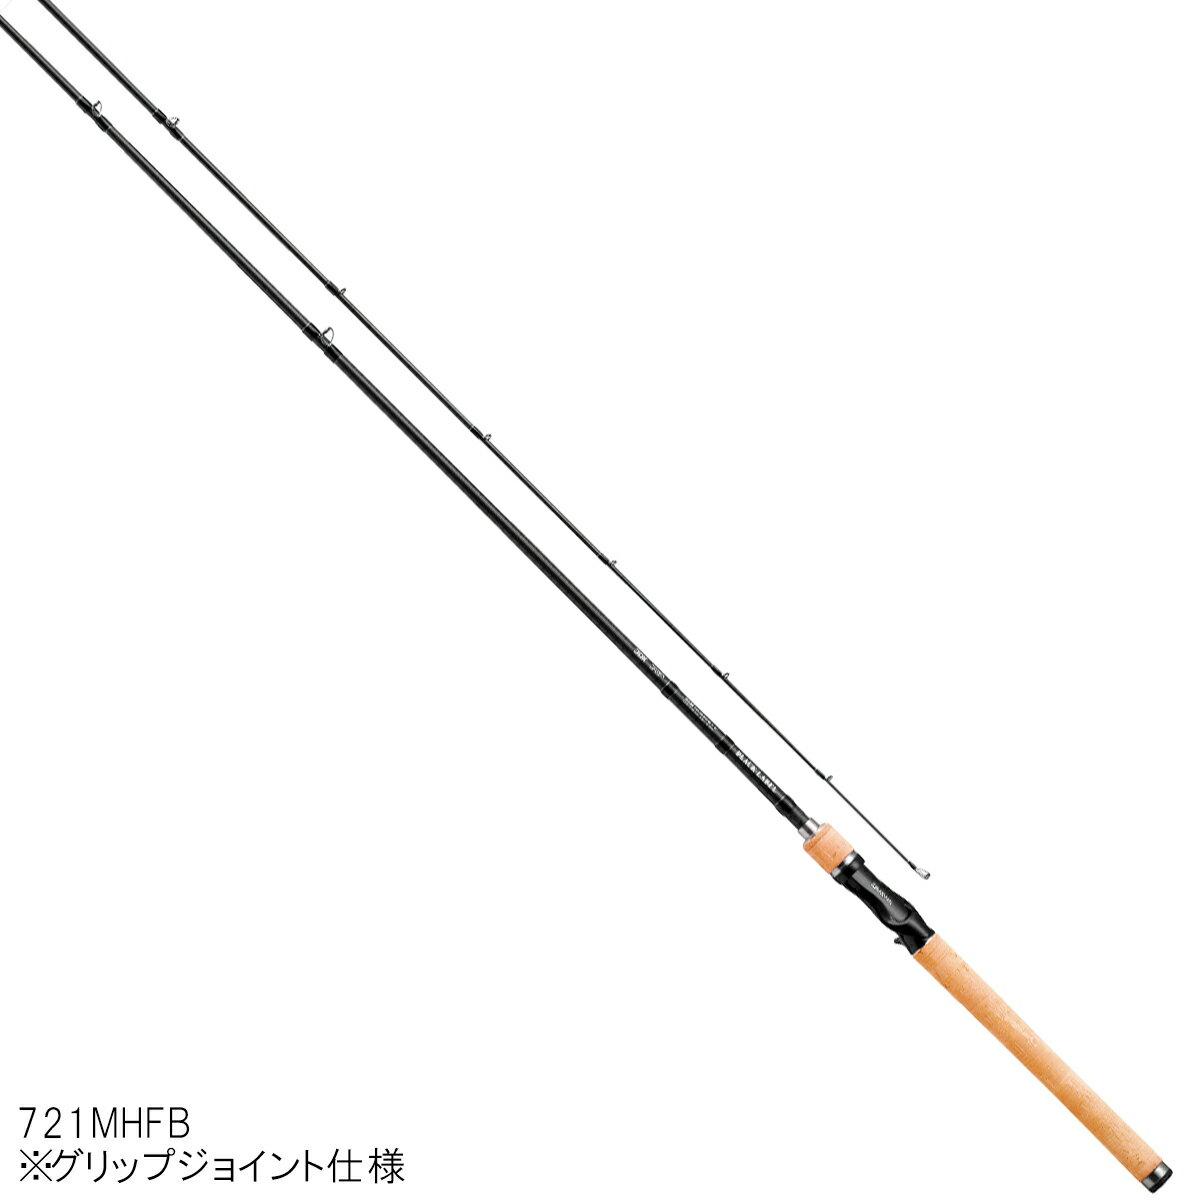 ダイワ ブラックレーベル+ ベイトキャスティングモデル 721MHFB【大型商品】